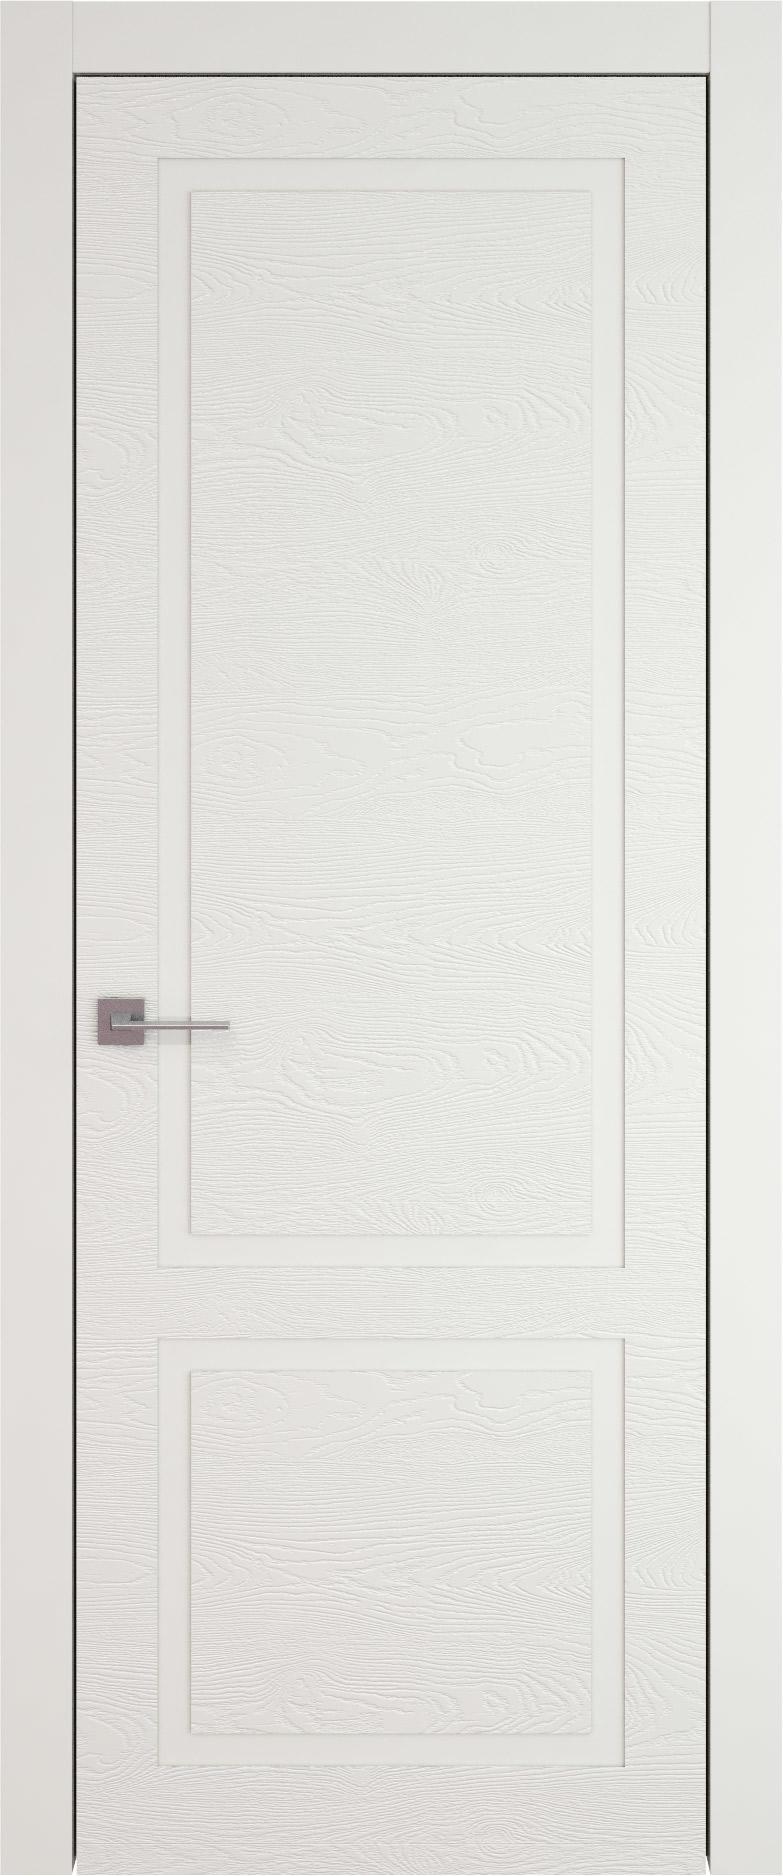 Tivoli И-5 цвет - Бежевая эмаль по шпону (RAL 9010) Без стекла (ДГ)